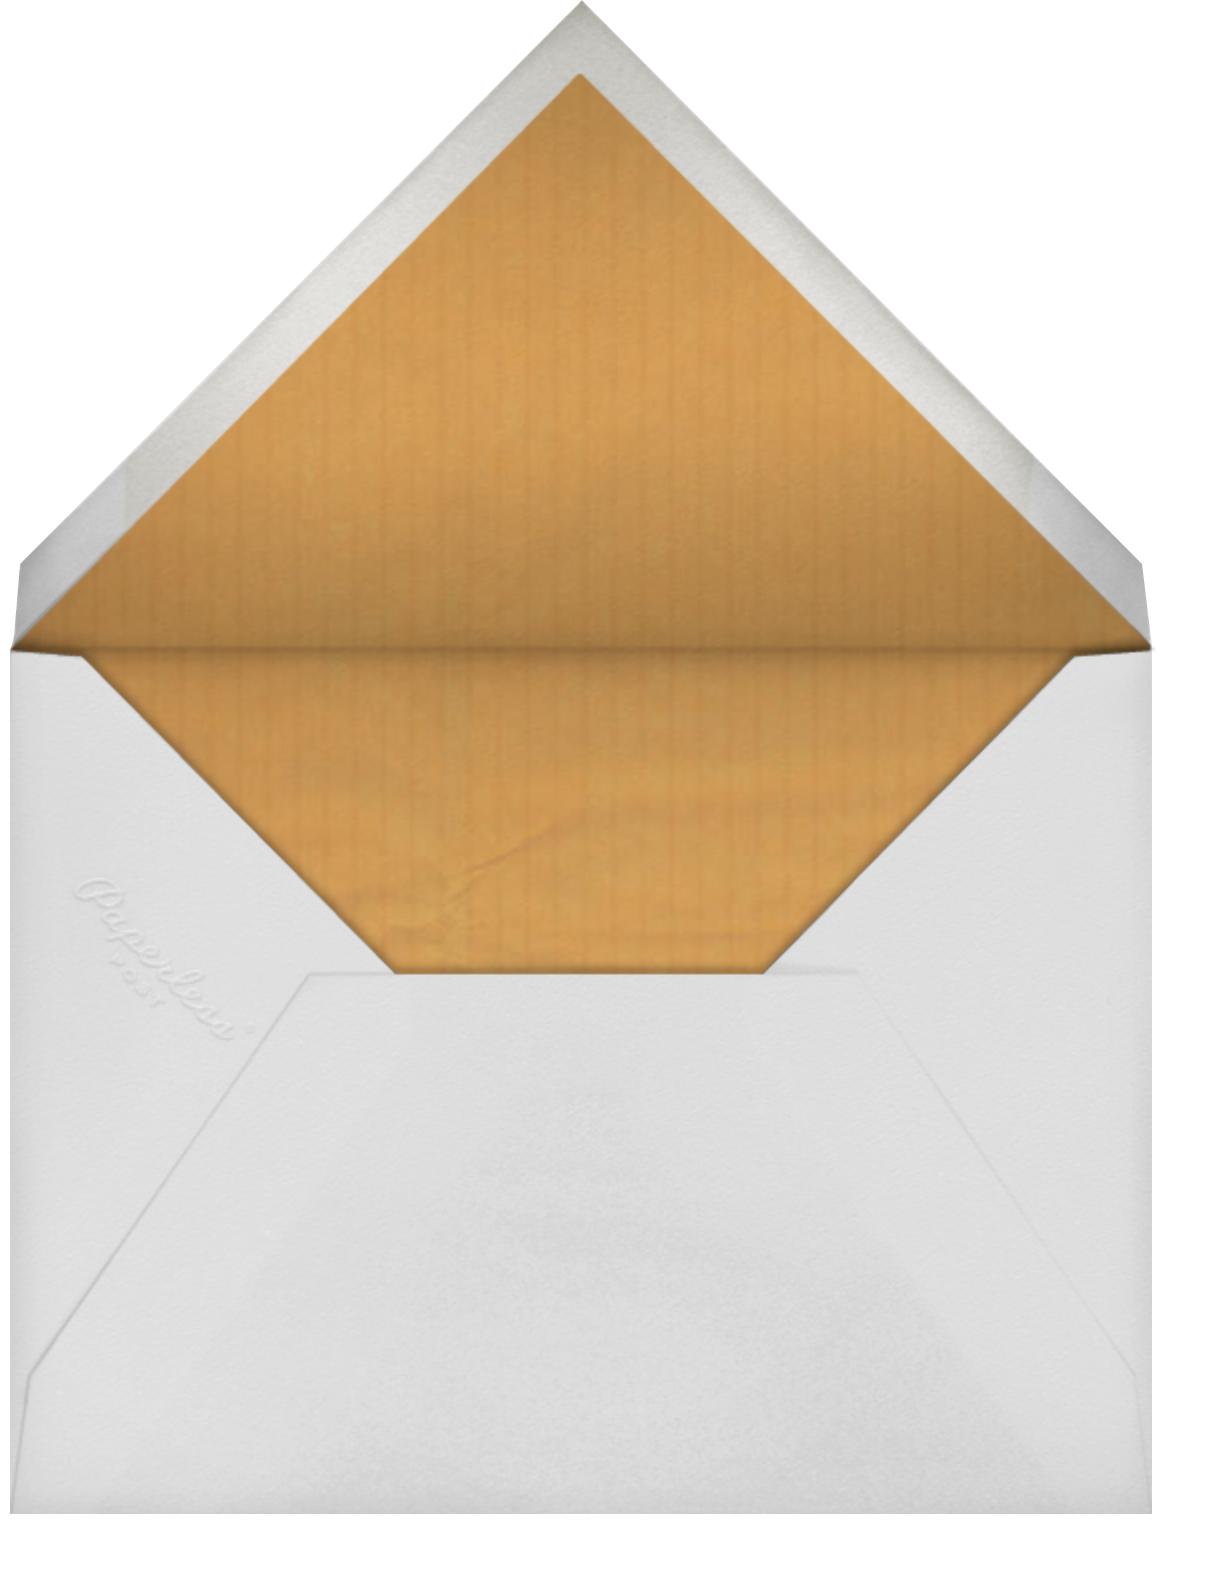 Tender Buttons - White - Anthropologie - Envelope